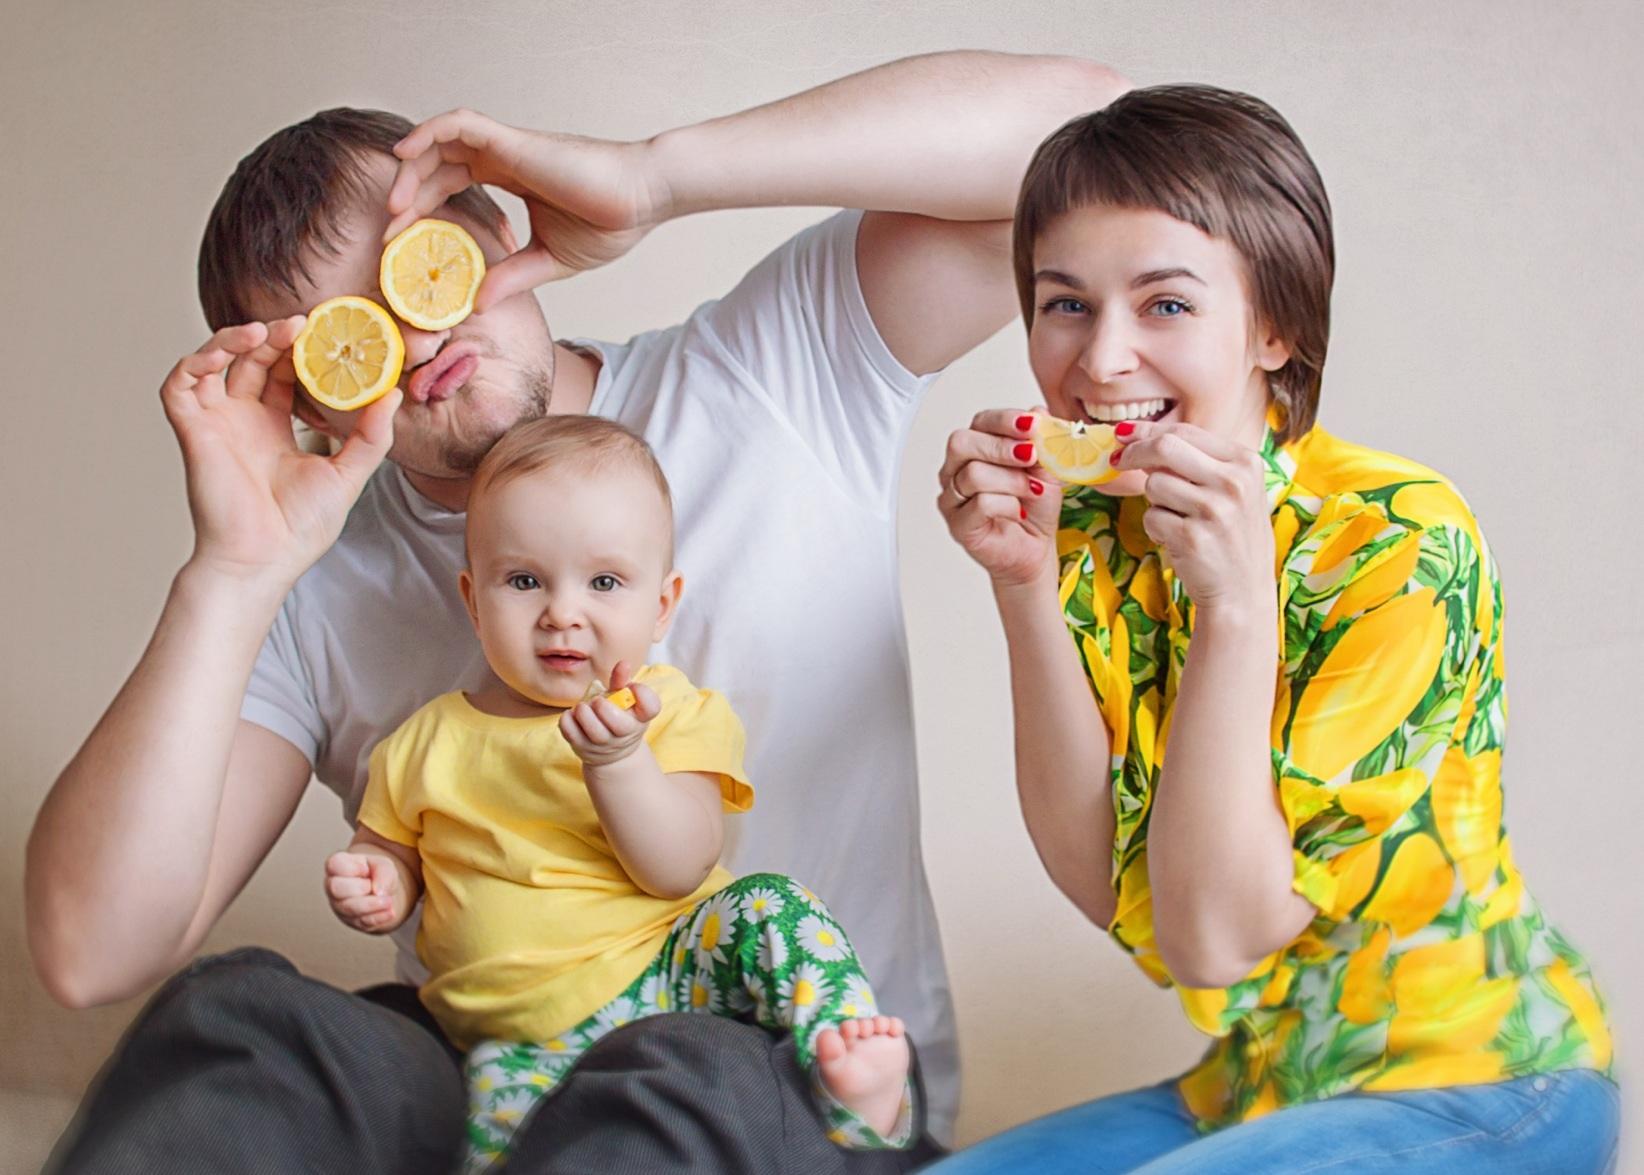 Весна! Время есть витамины!. Мама, папа, я - счастливая семья!